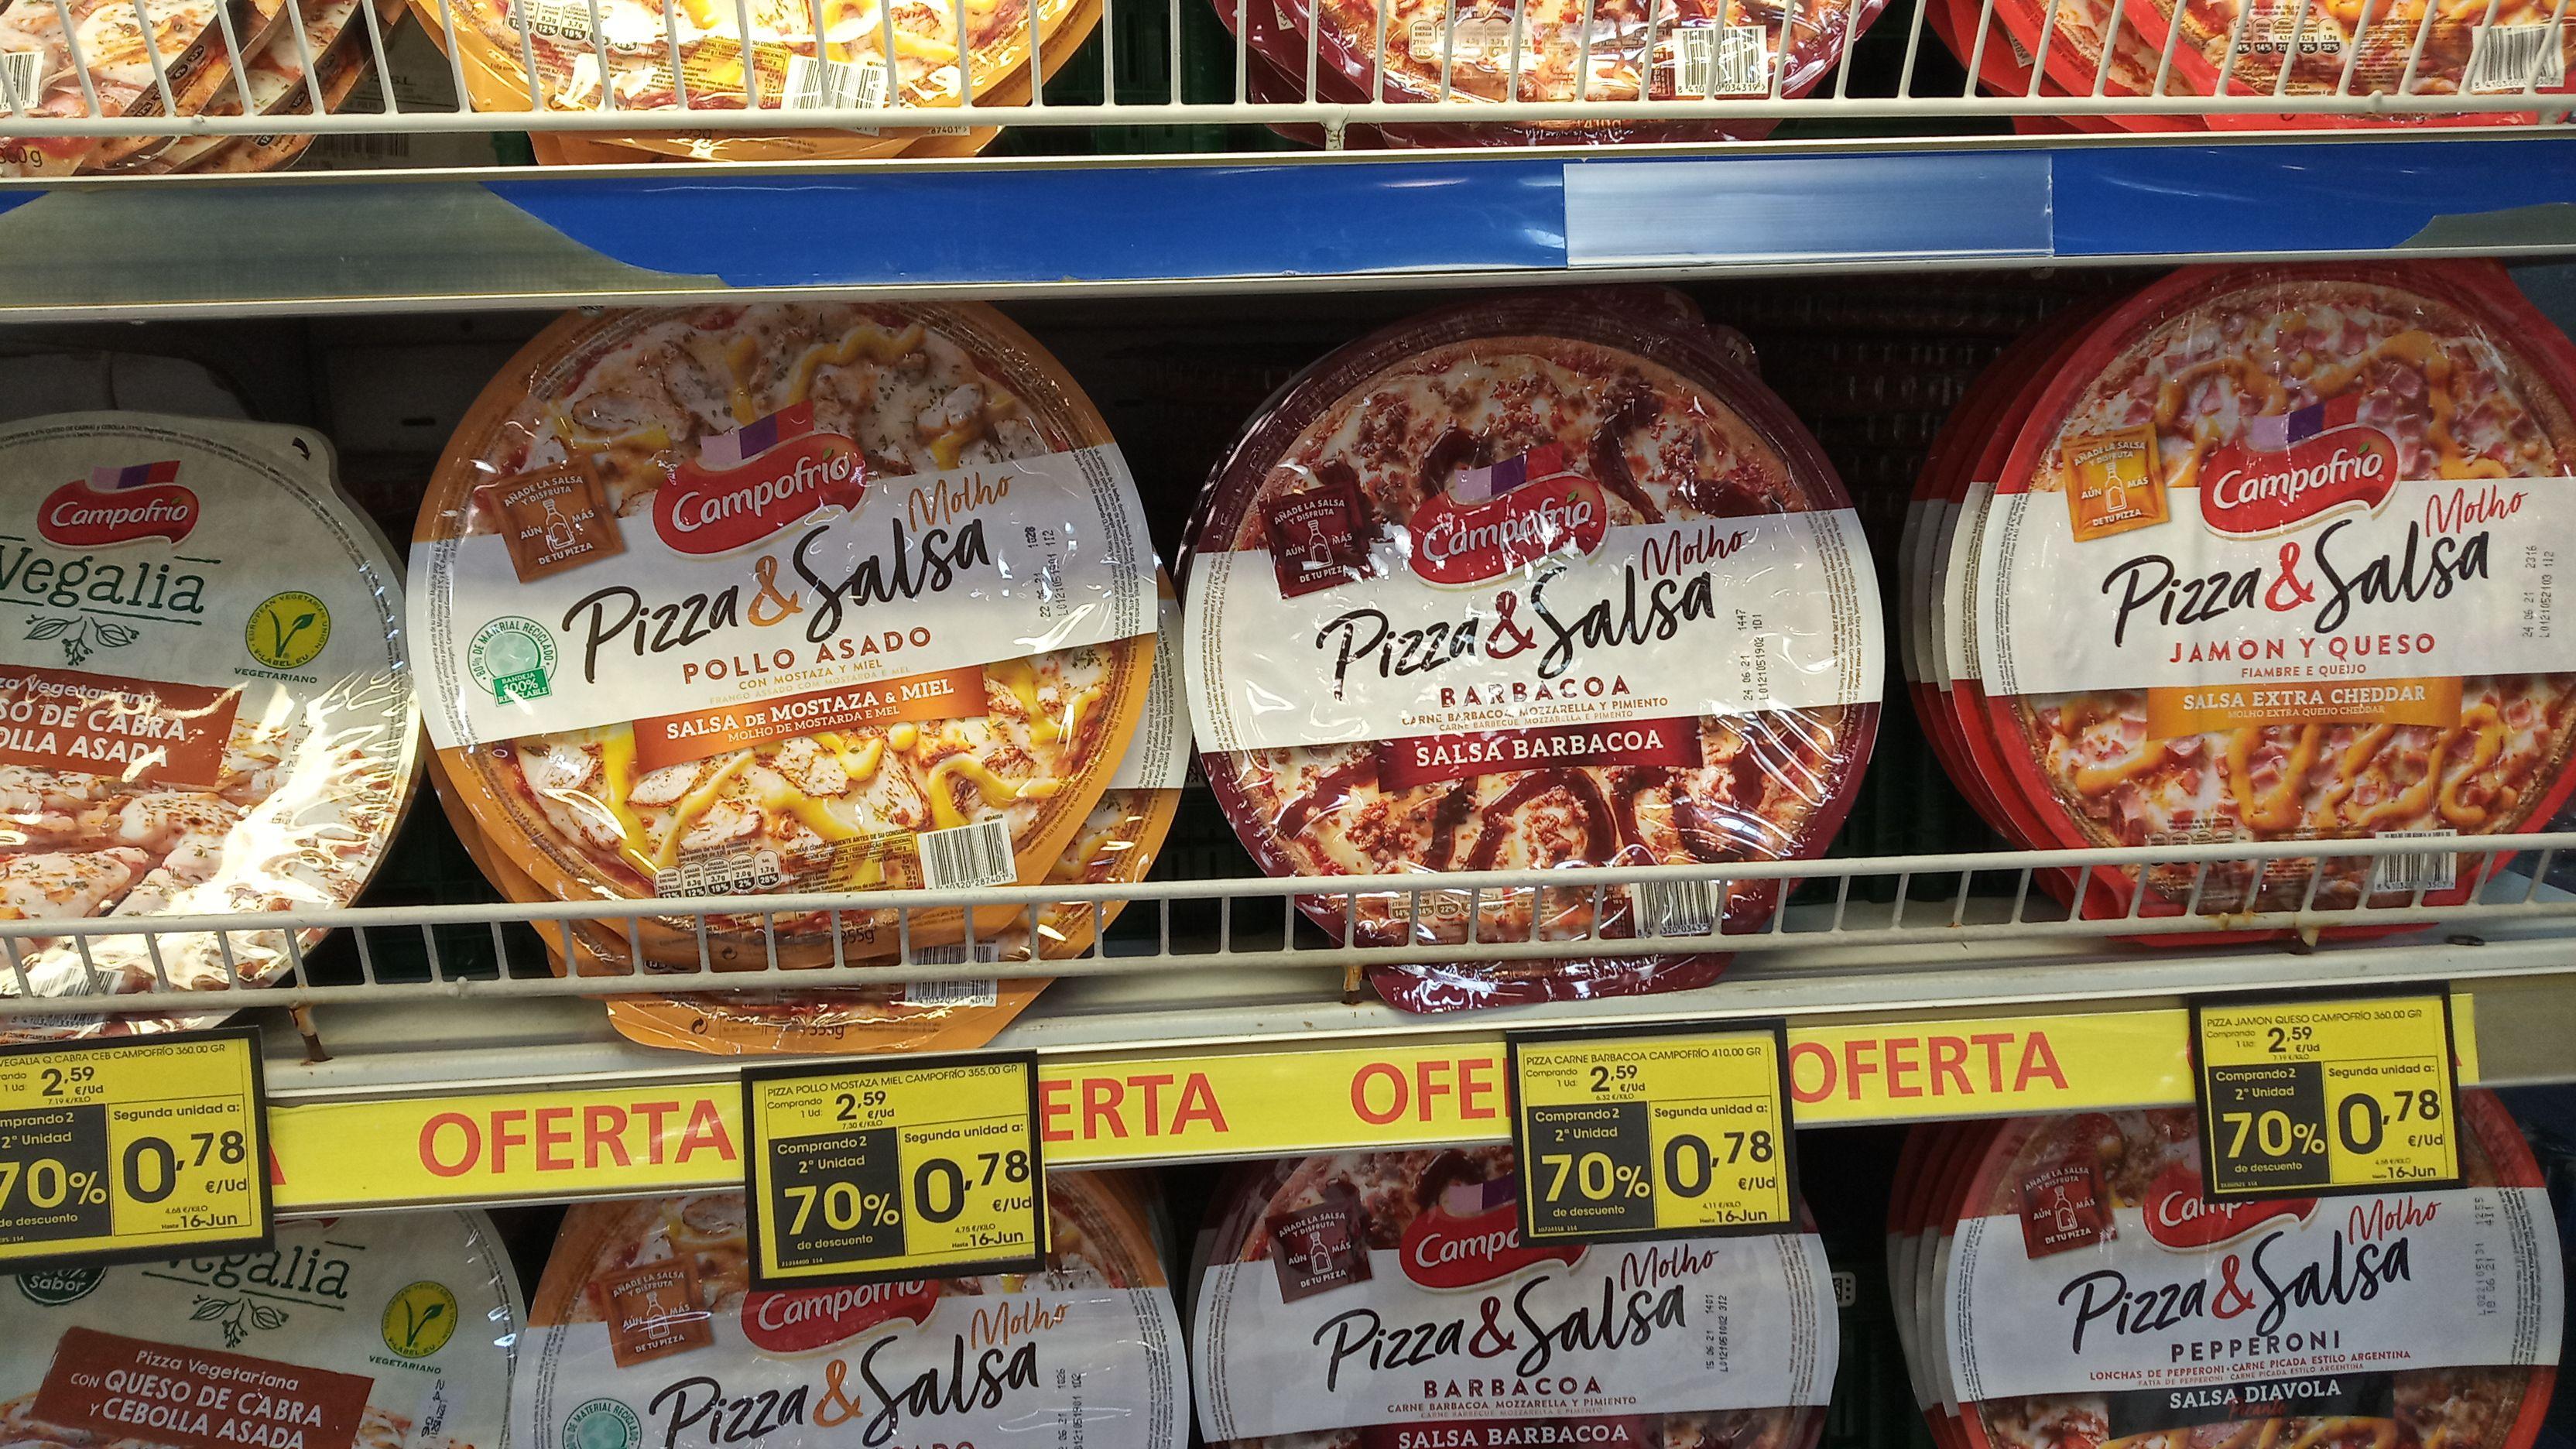 2 Pizzas Campofrio (segunda unidad a 0,78)